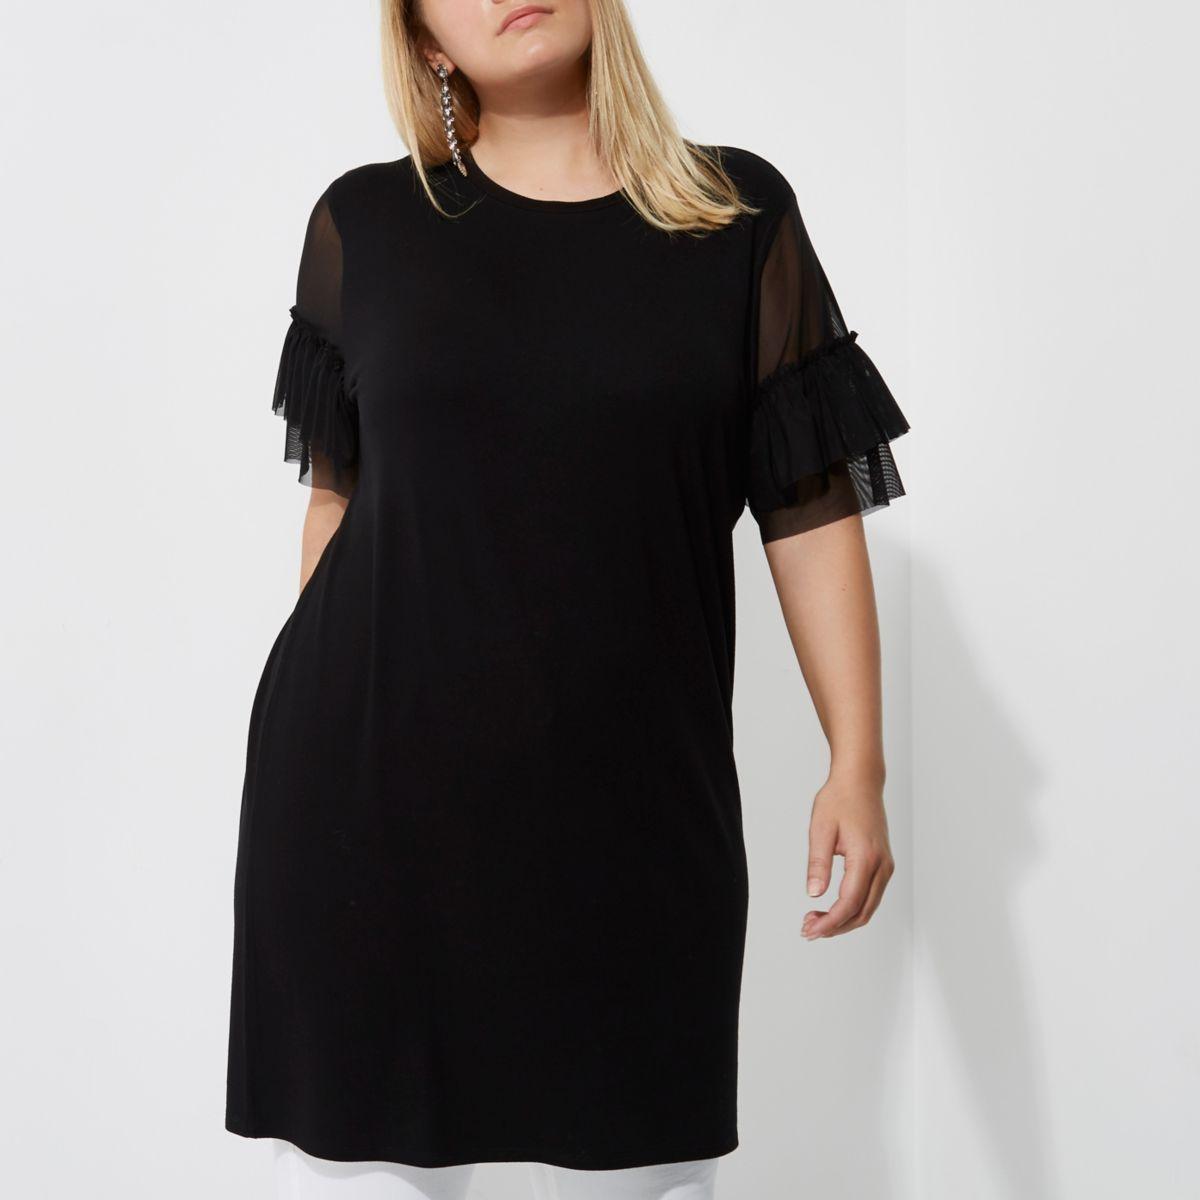 Plus - Langes T-Shirt aus schwarzem Mesh mit Rüschen